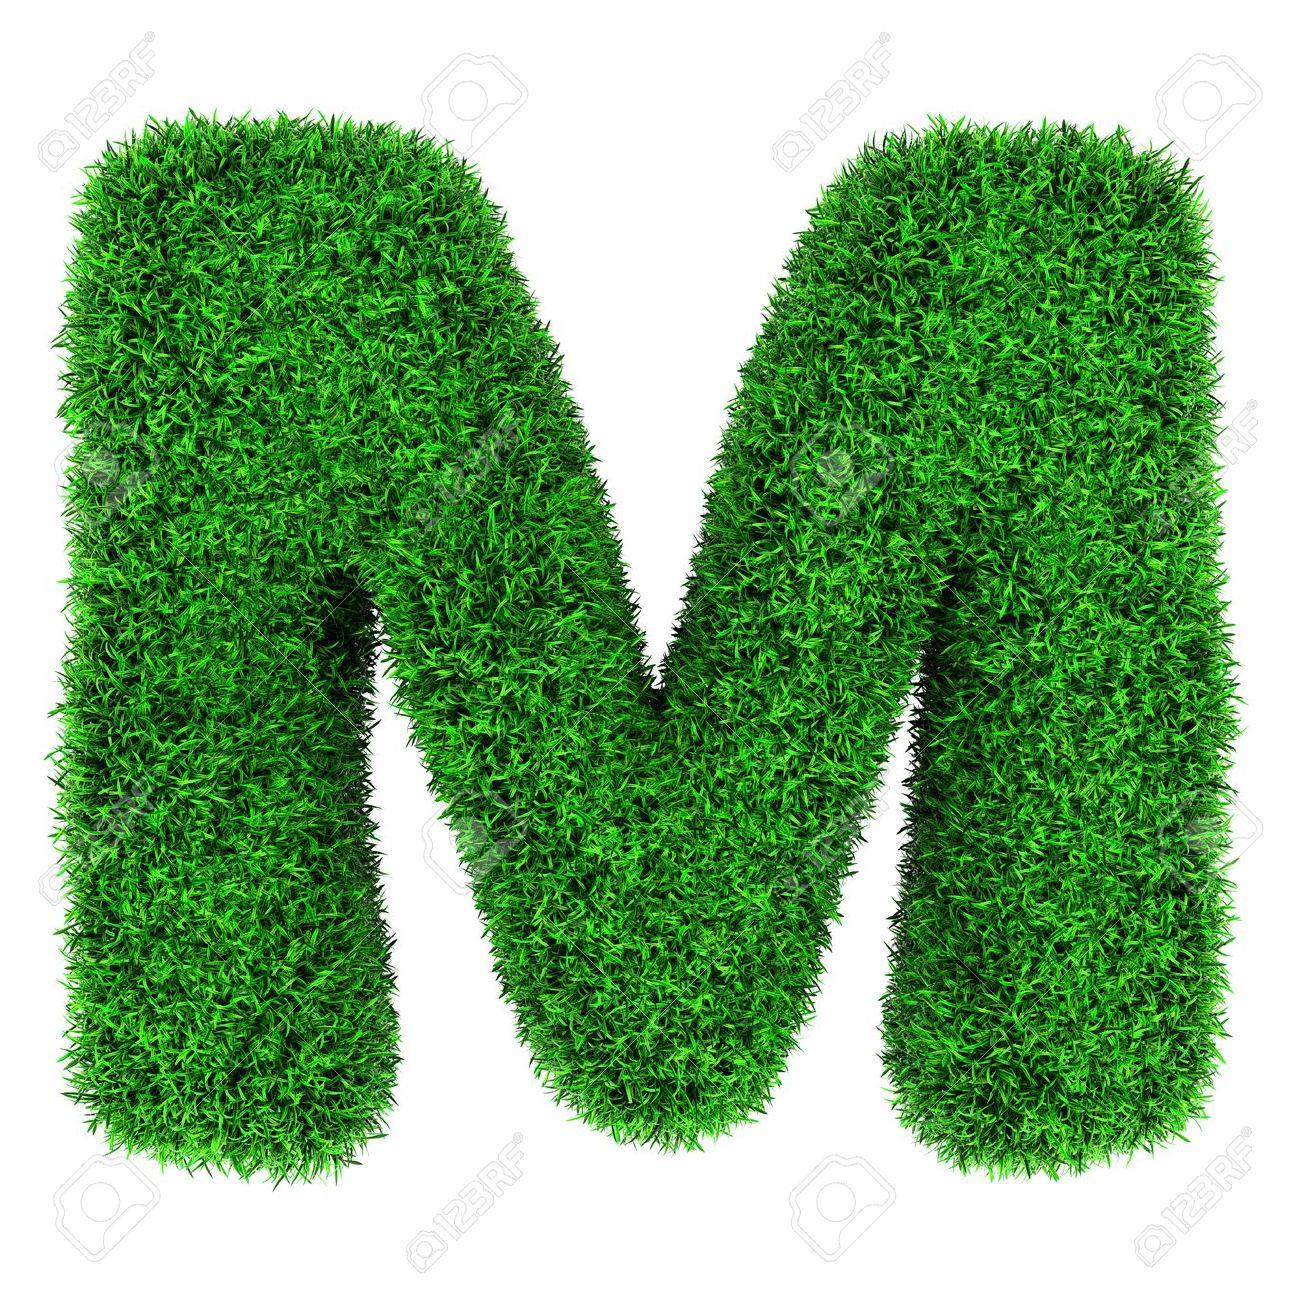 M Images M - Dr. Odd